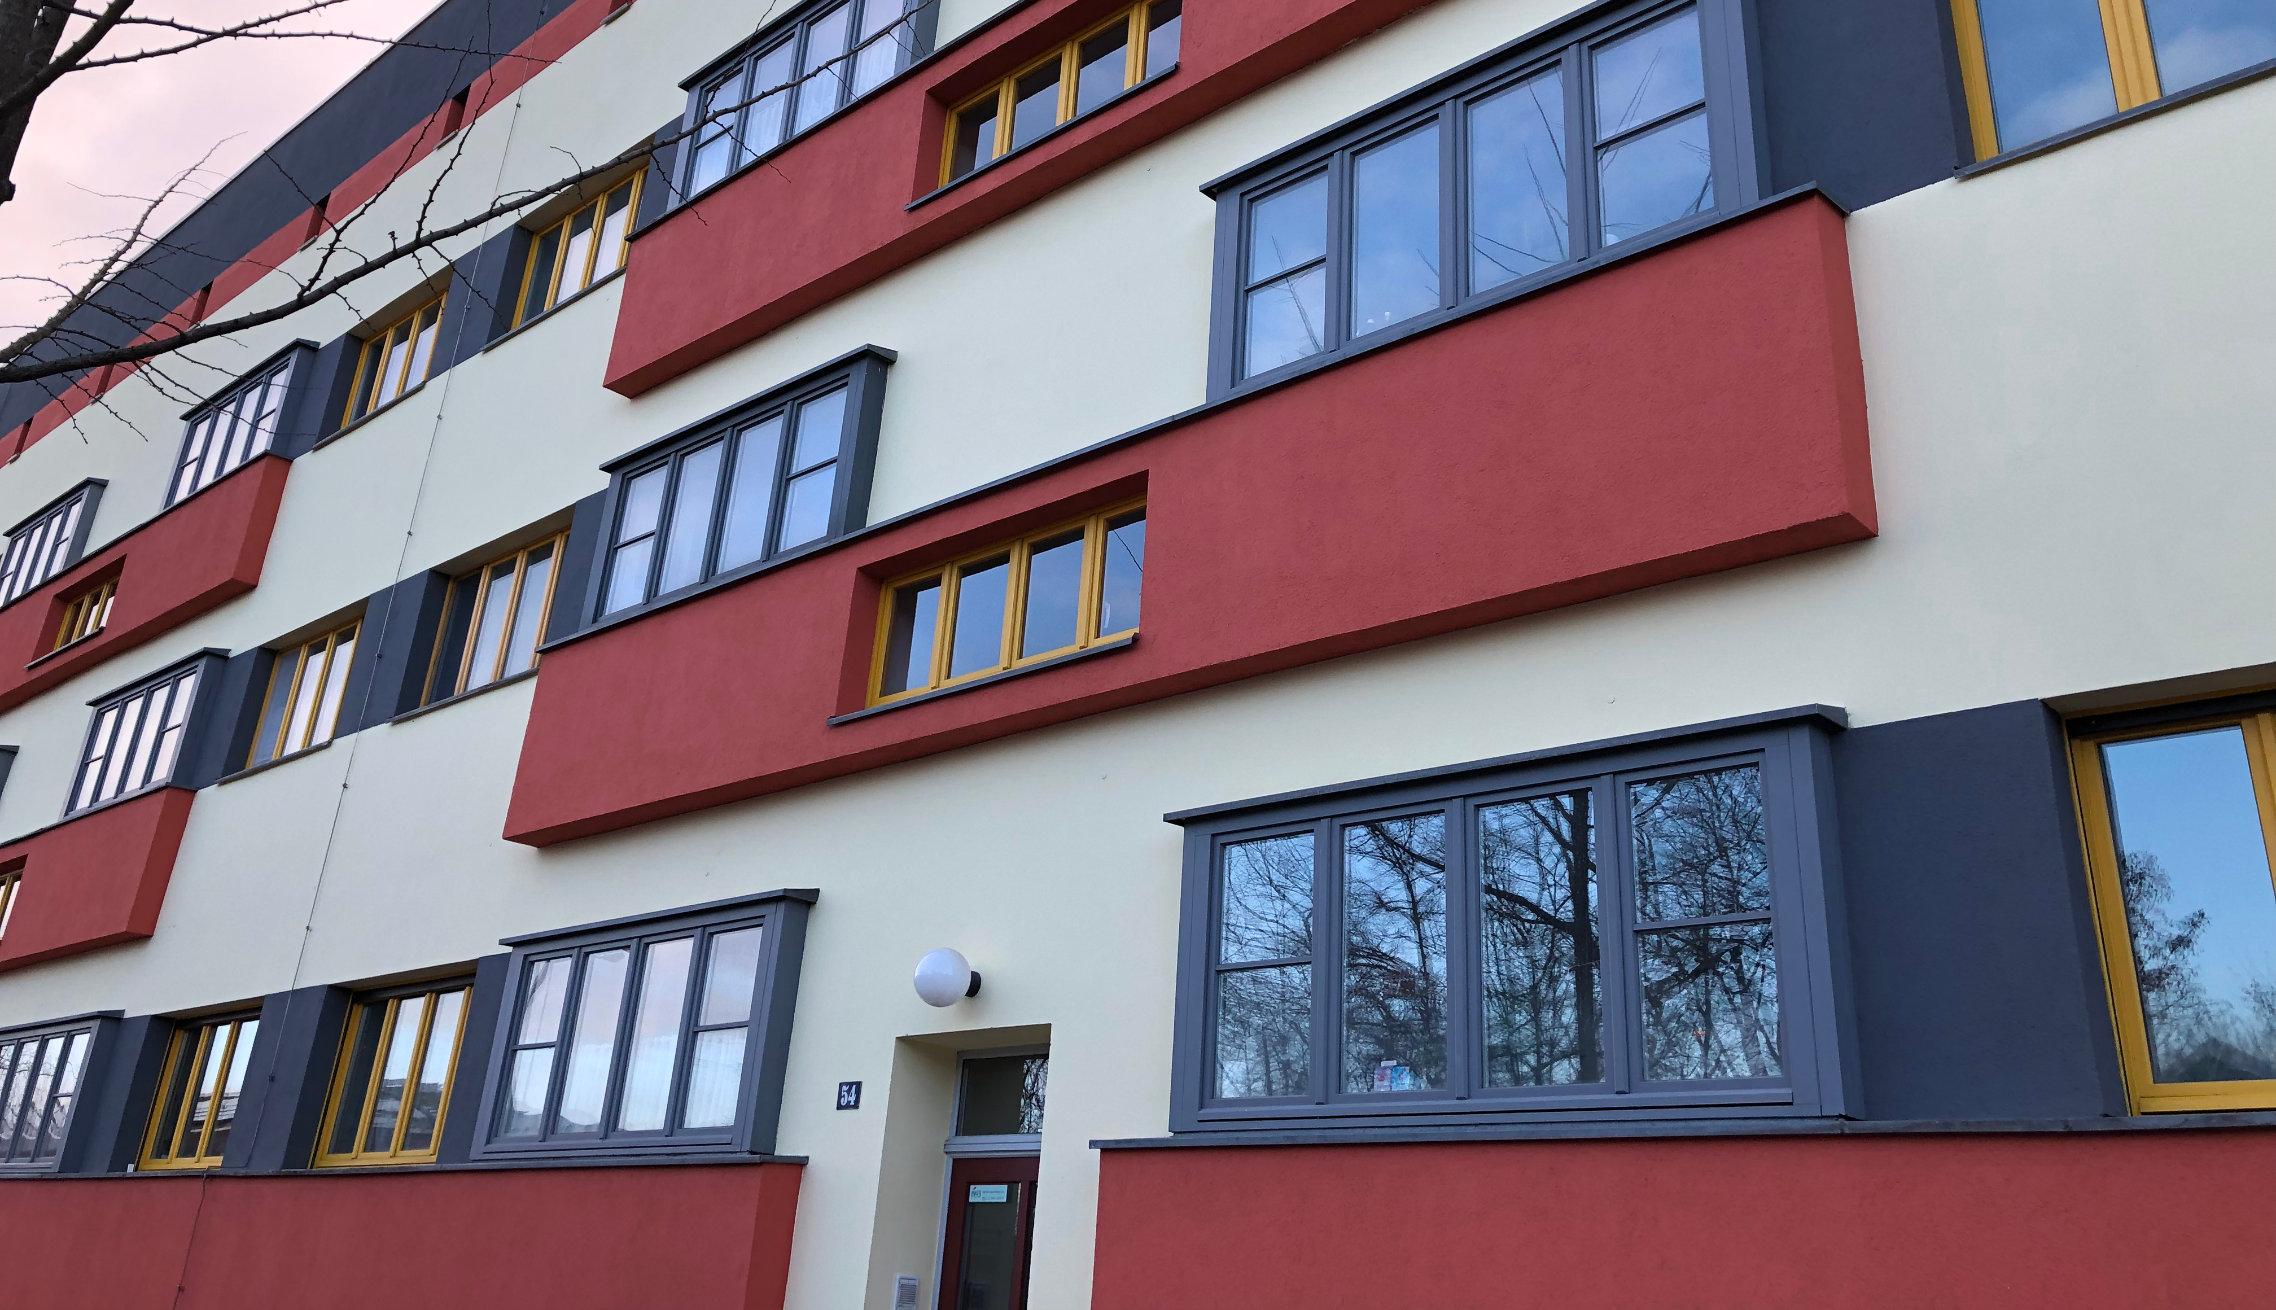 Baufirma Magdeburg führt Fassadensanierungen bundesweit an Neu- und Altbauten aus